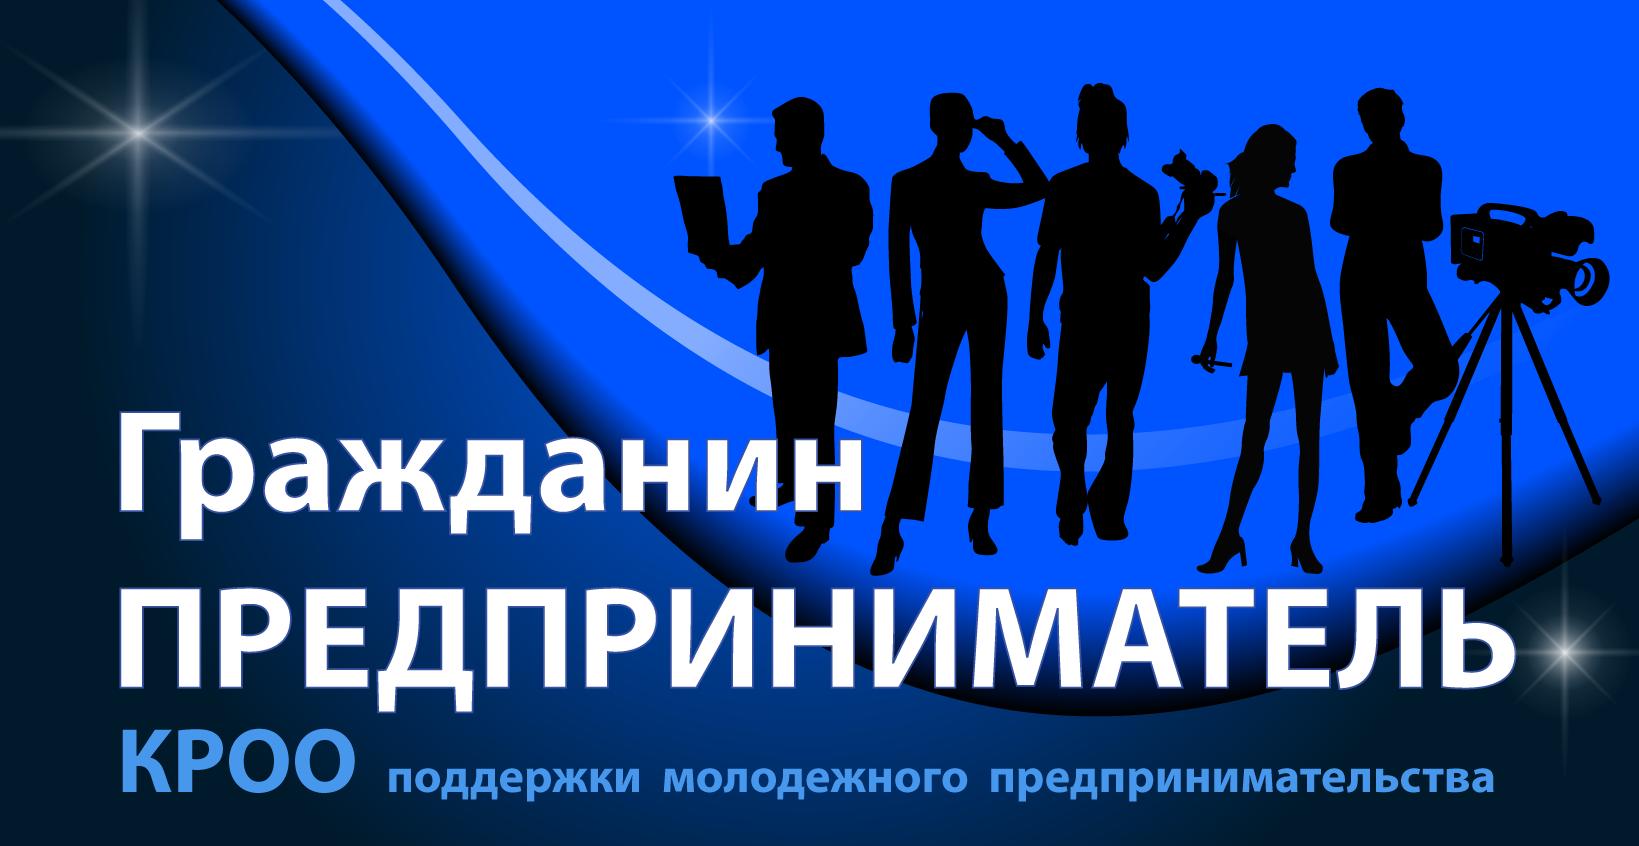 Из устава КРОО ПМП «Гражданин предприниматель»